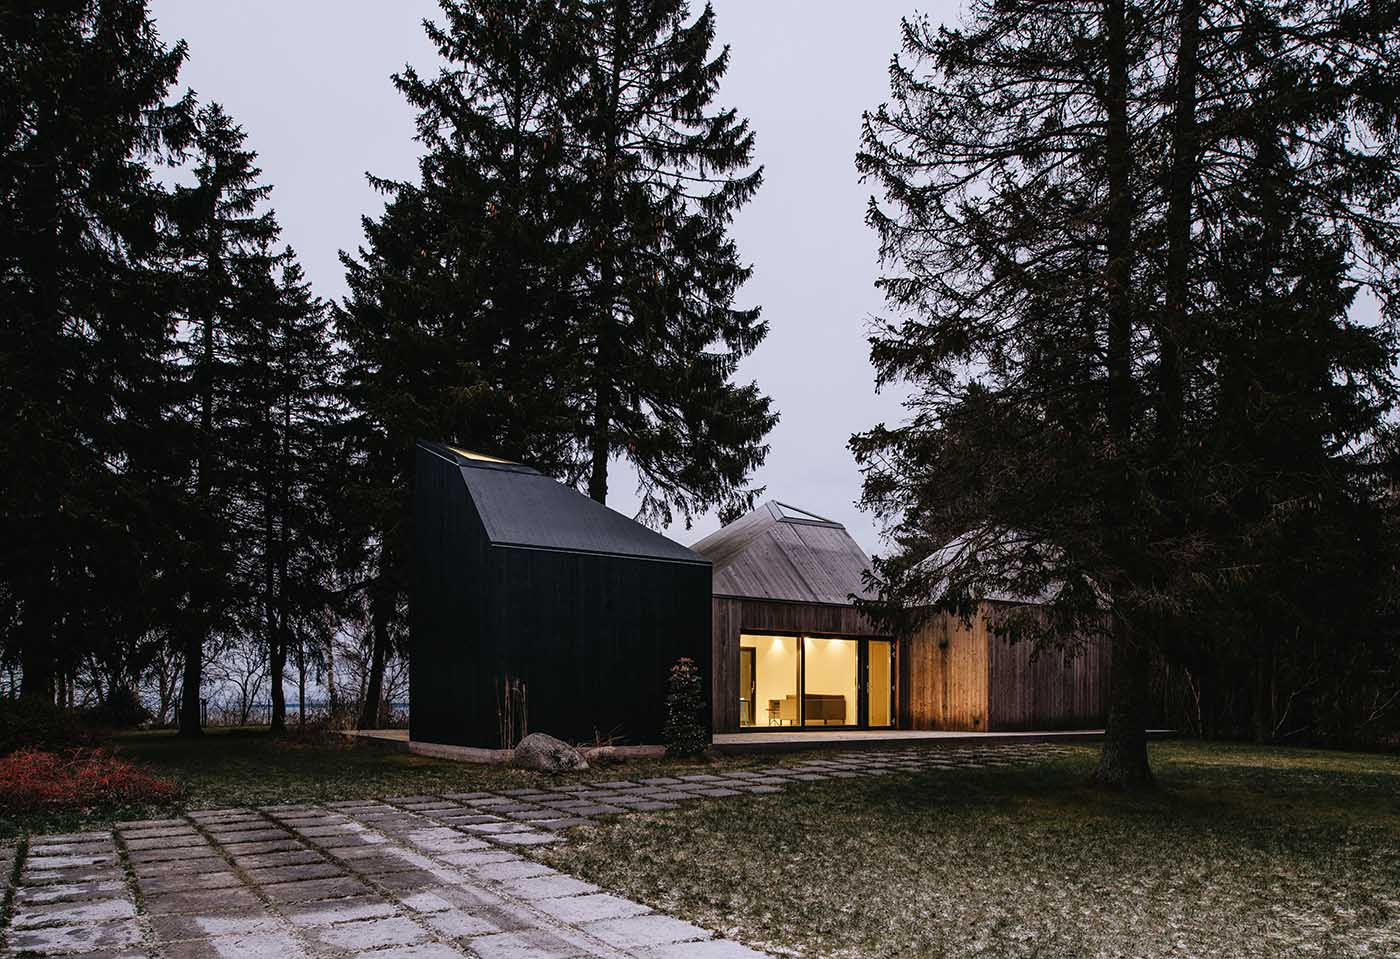 KUU Arhitektid interior ideas final